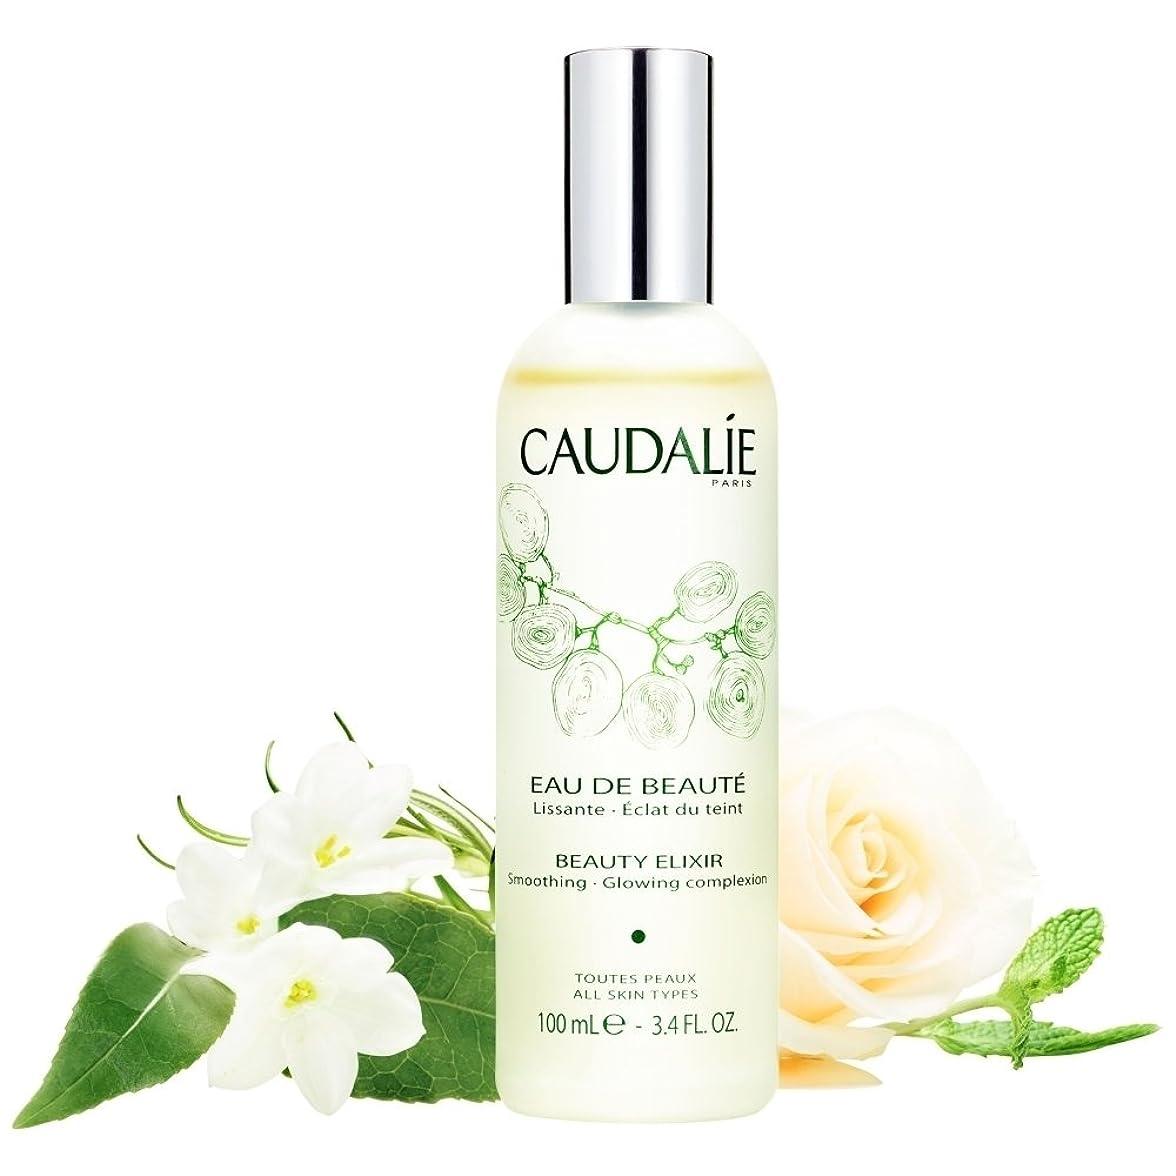 バンクシリング刺すコーダリー美容エリキシル、100ミリリットル (Caudalie) - Caudalie Beauty Elixir, 100ml [並行輸入品]